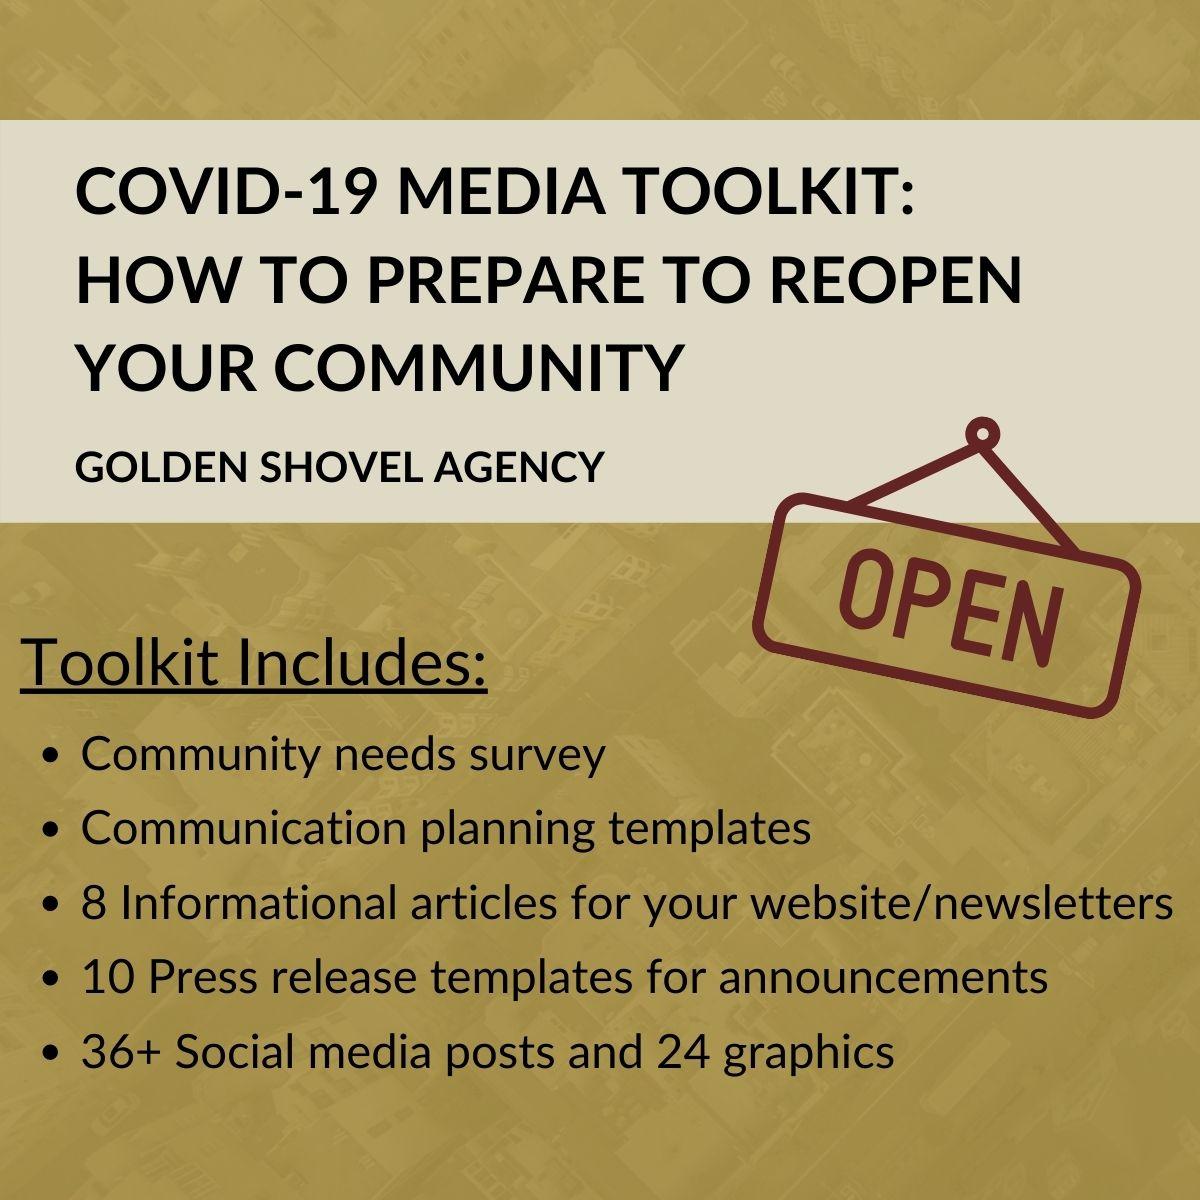 COVID-19 Media Toolkit Image